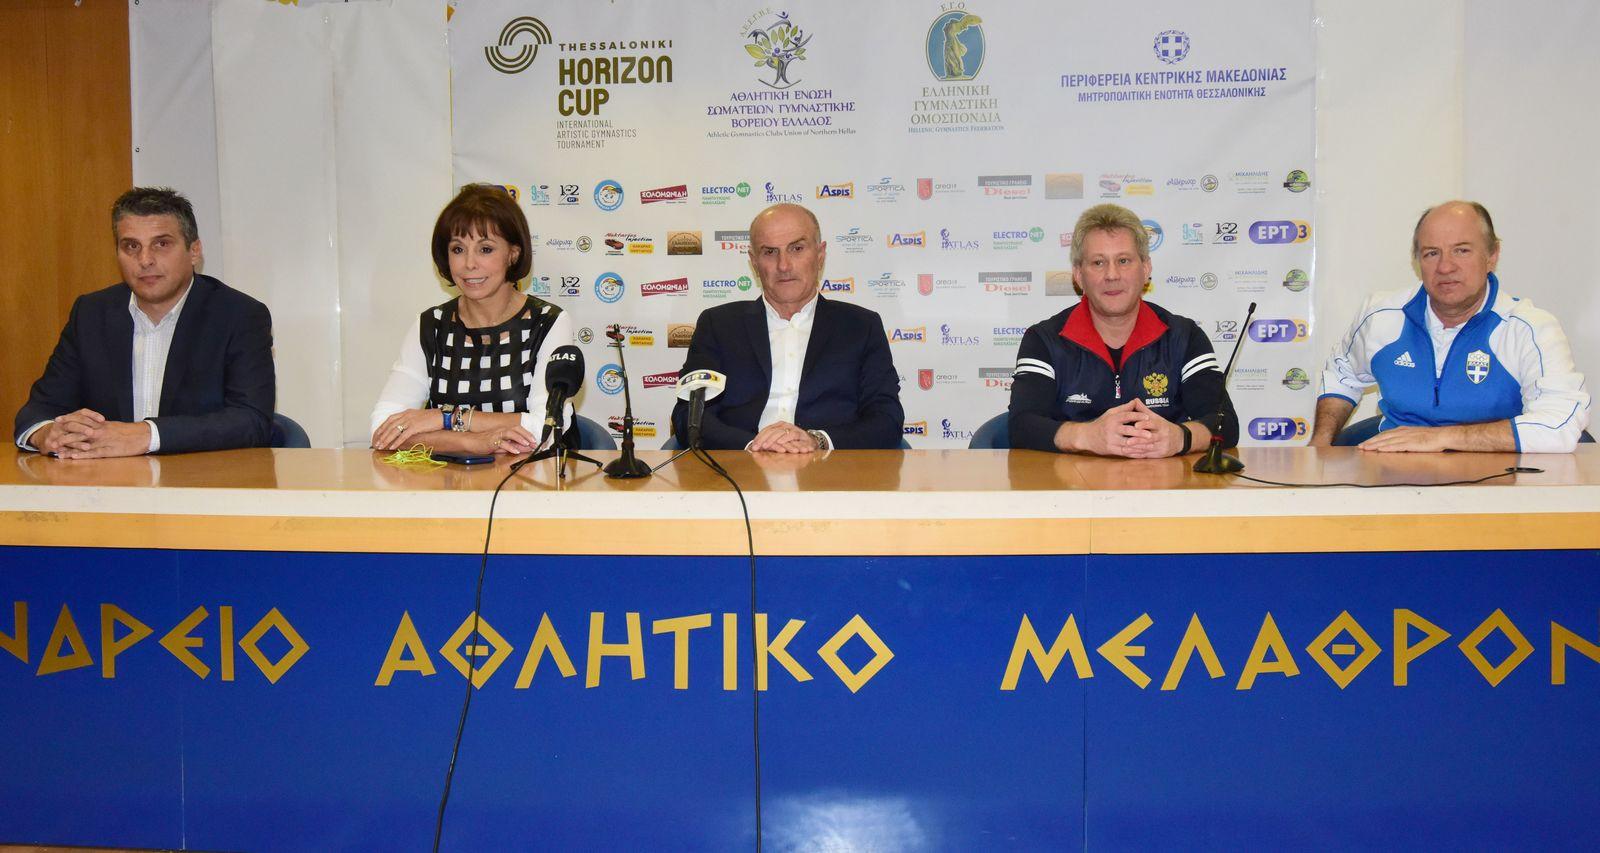 """Ανοίγει νέους ορίζοντες το 1ο διεθνές τουρνουά ενόργανης """"Horizon Cup"""" (photos)"""